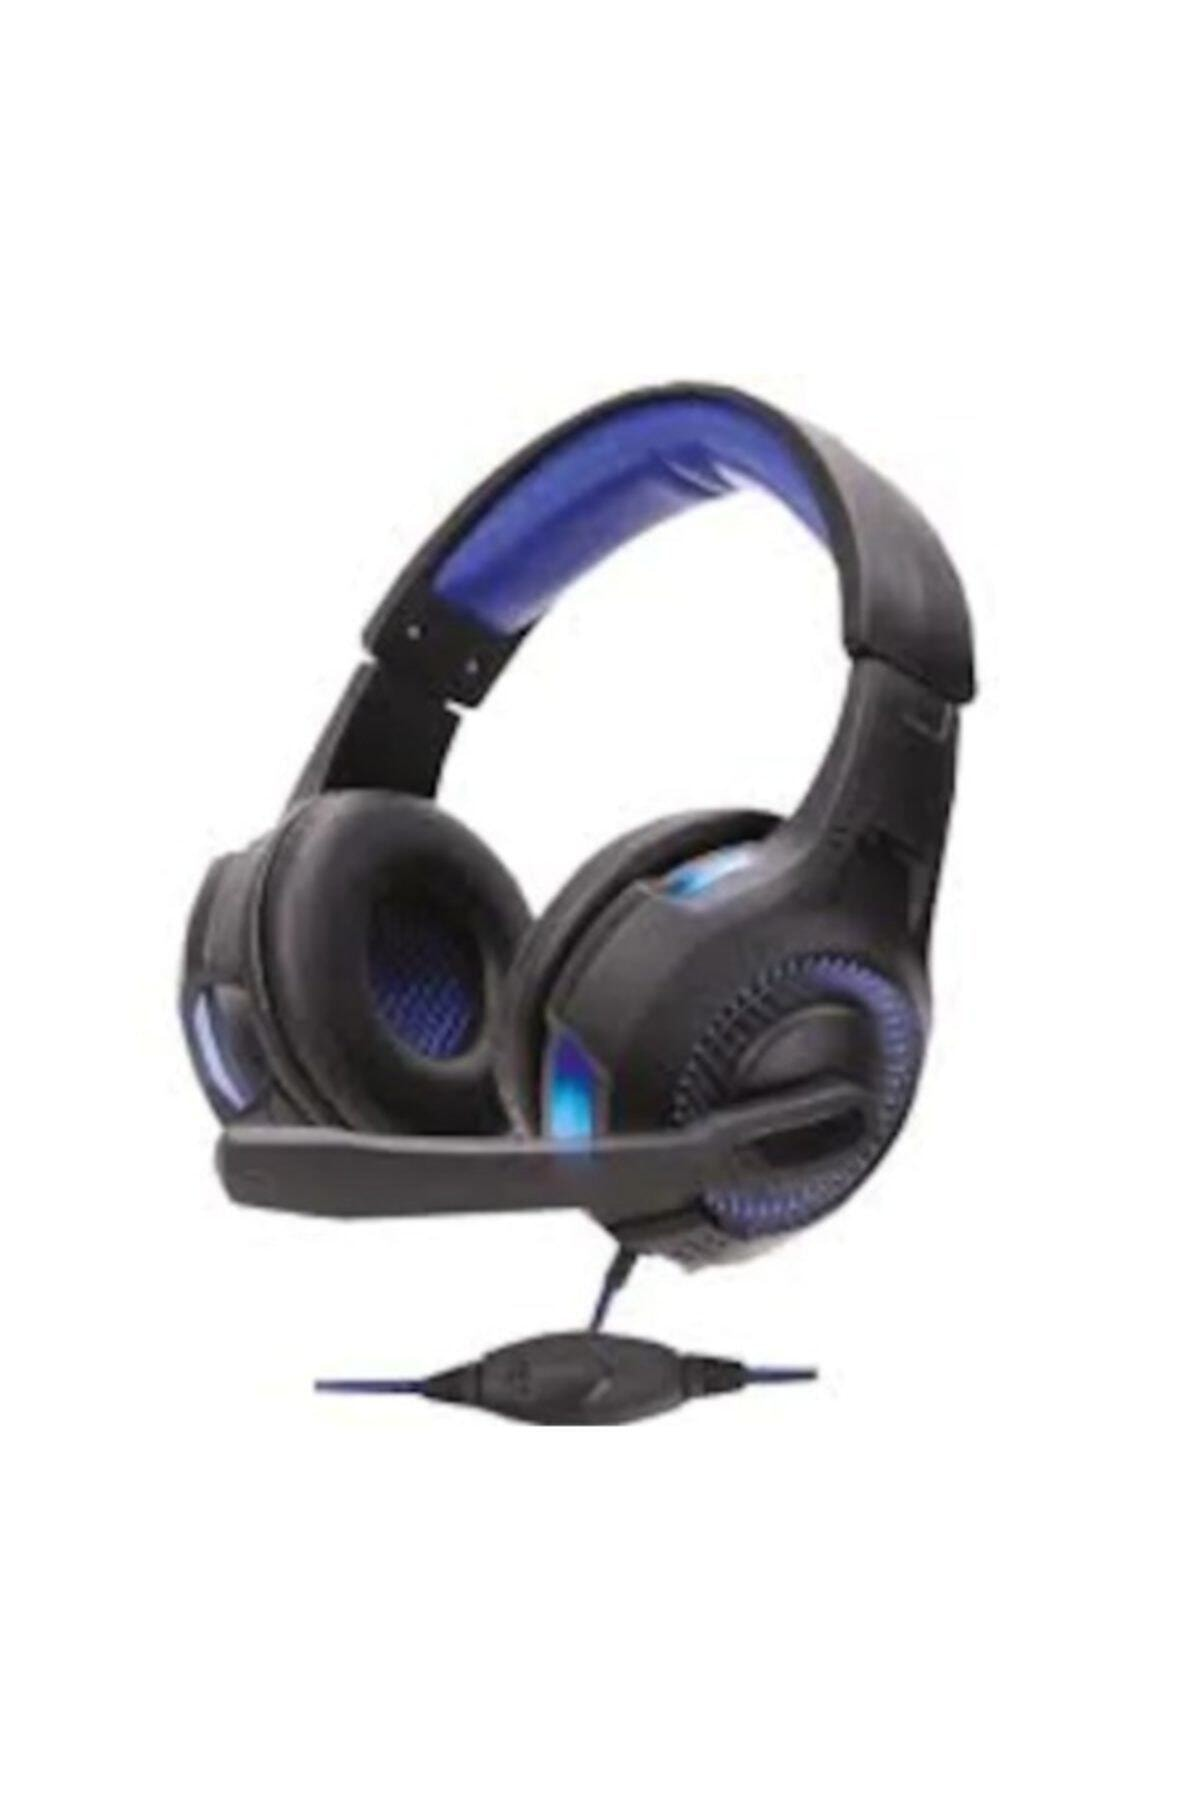 Piranha 2145 Gaming Kulaklık Işıklı Mikrofonlu Oyuncu Kulaklık 1